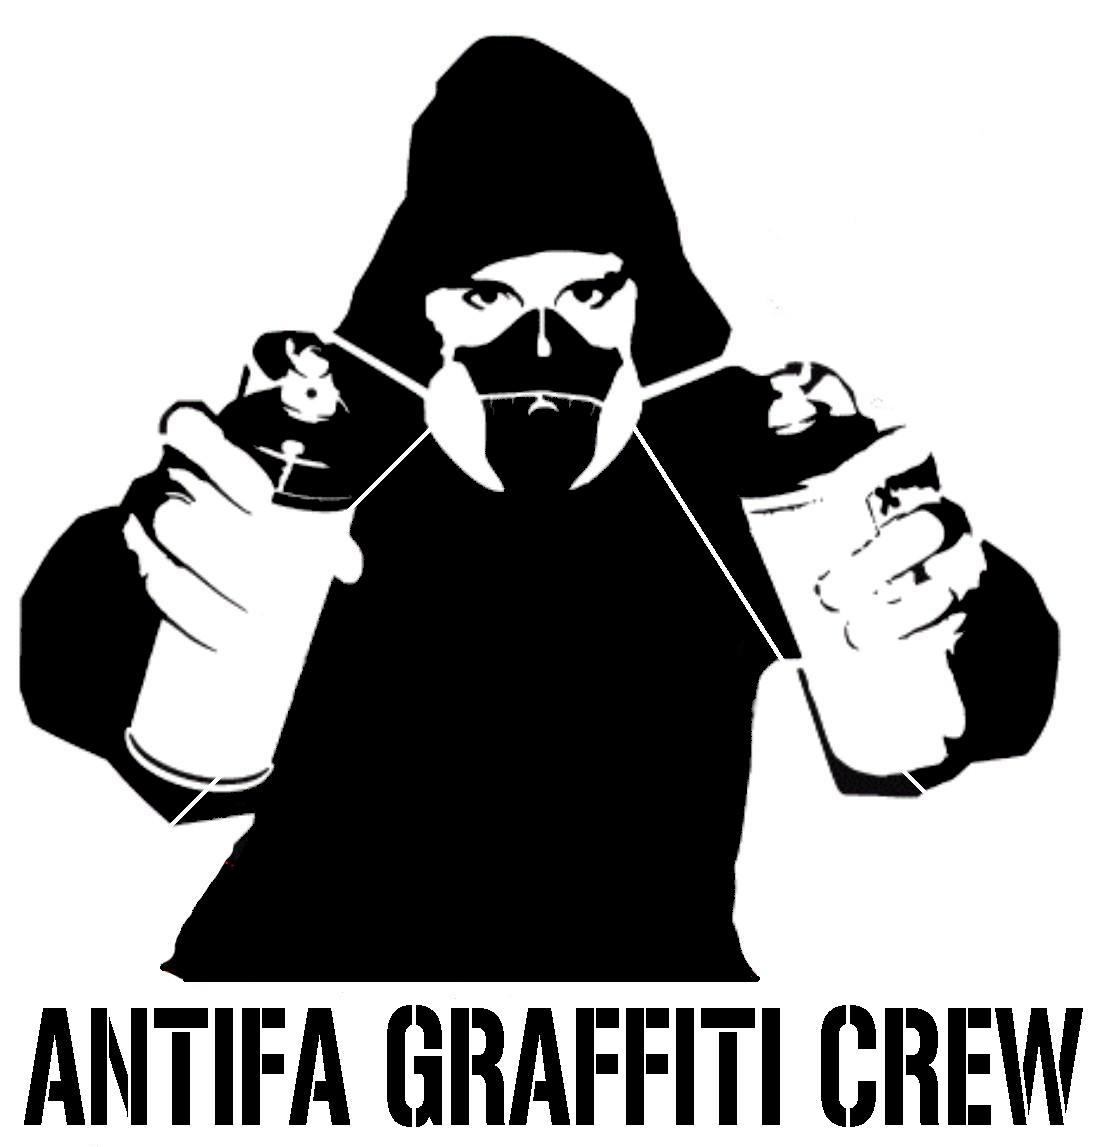 Graffiti en mi cuarto Antifasciste+graffiti+crew1